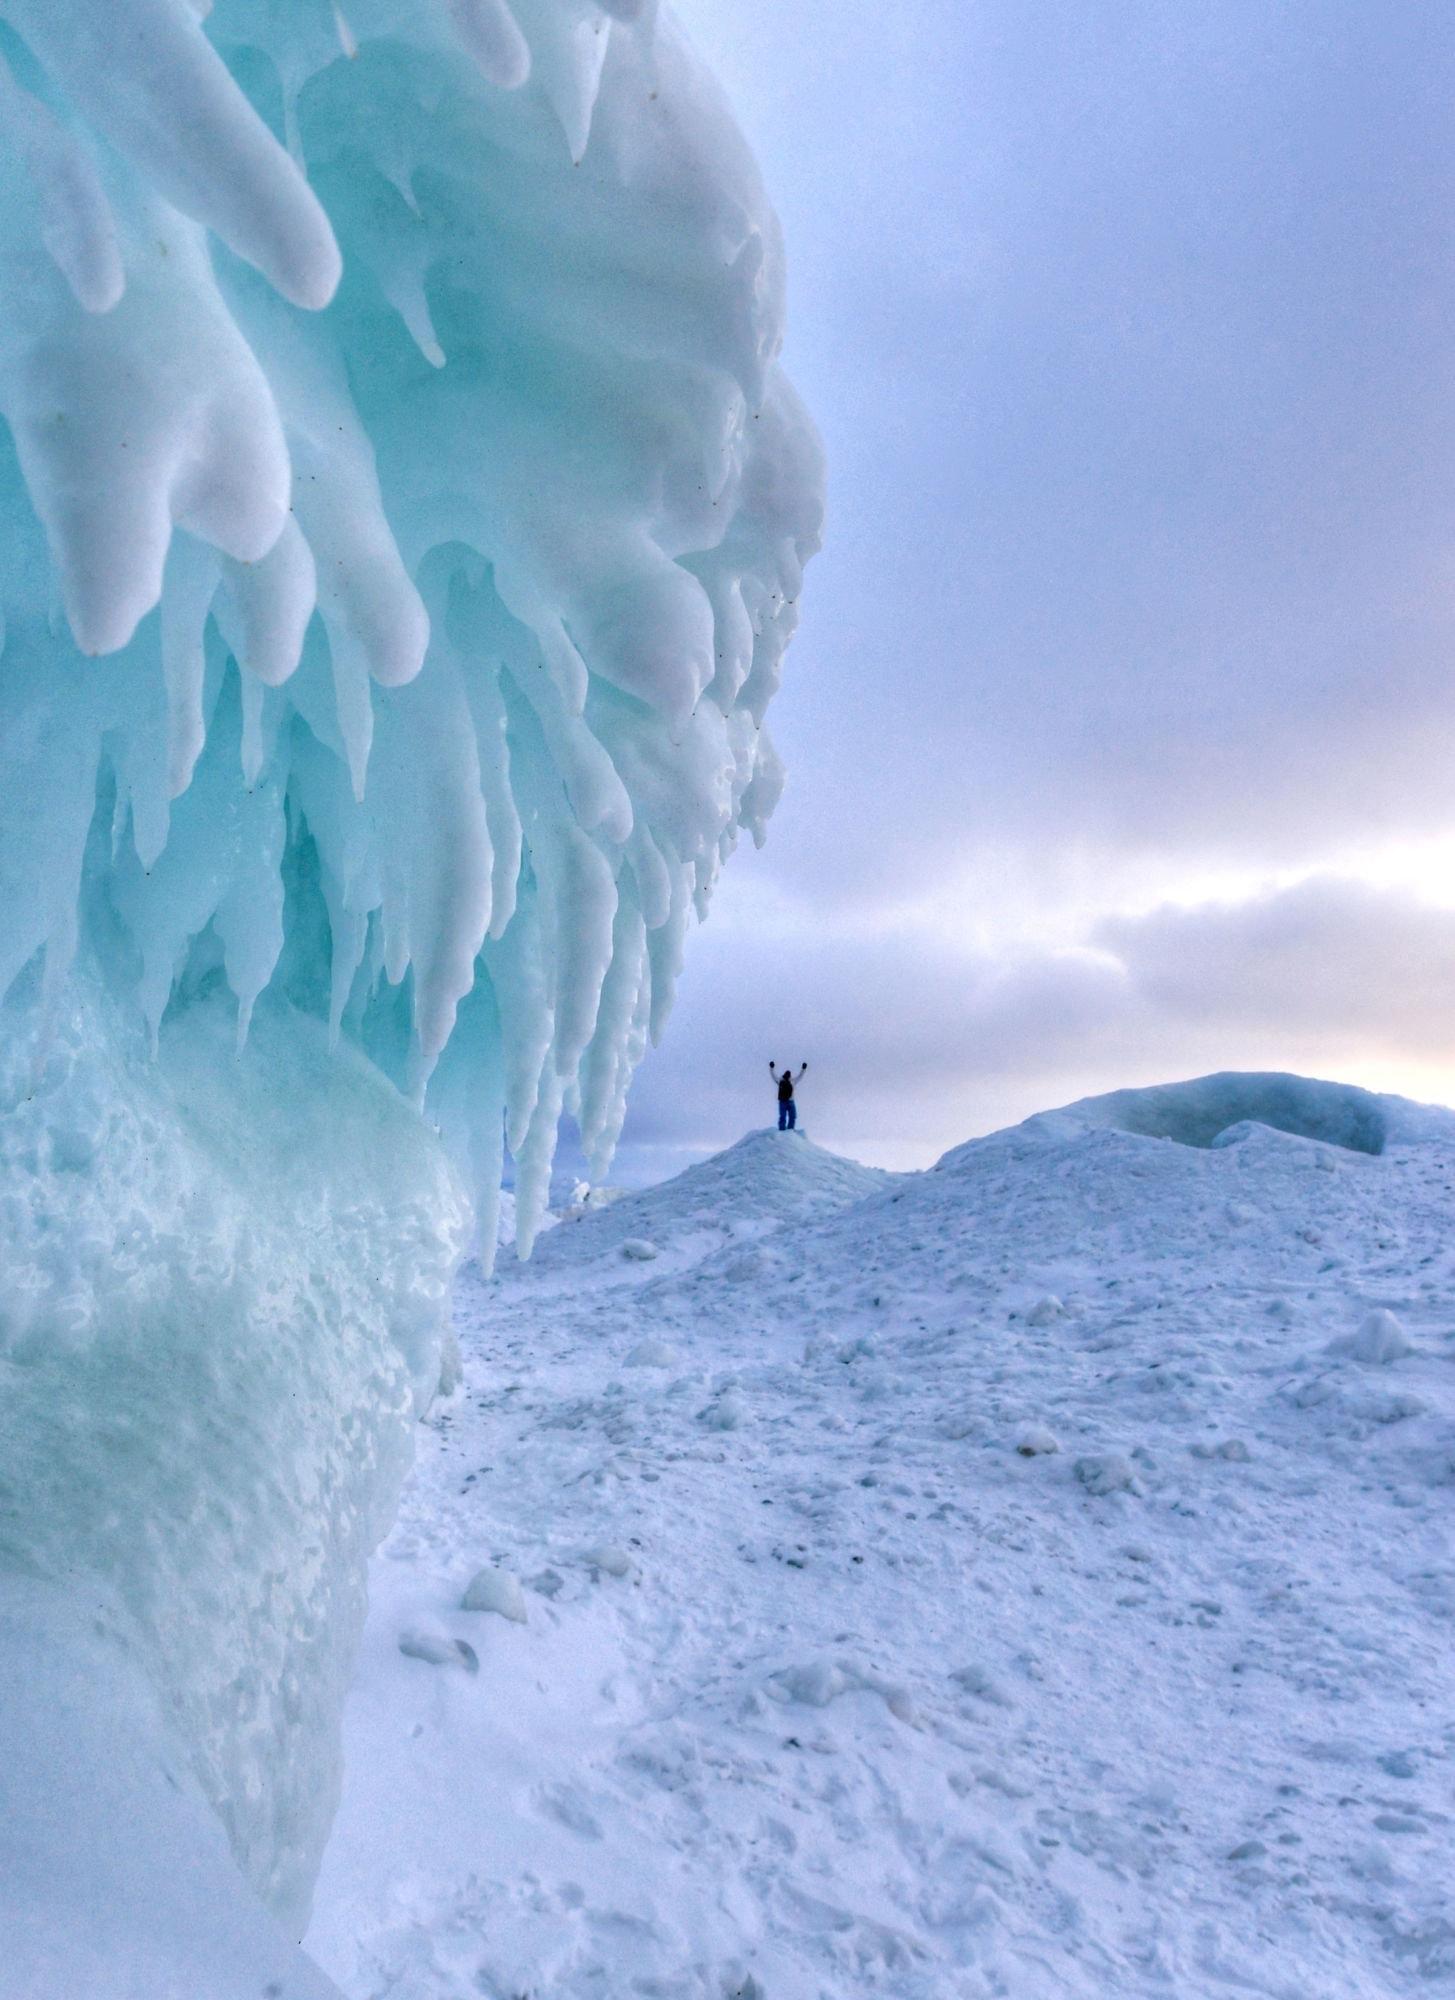 Leelanau Ice Caves